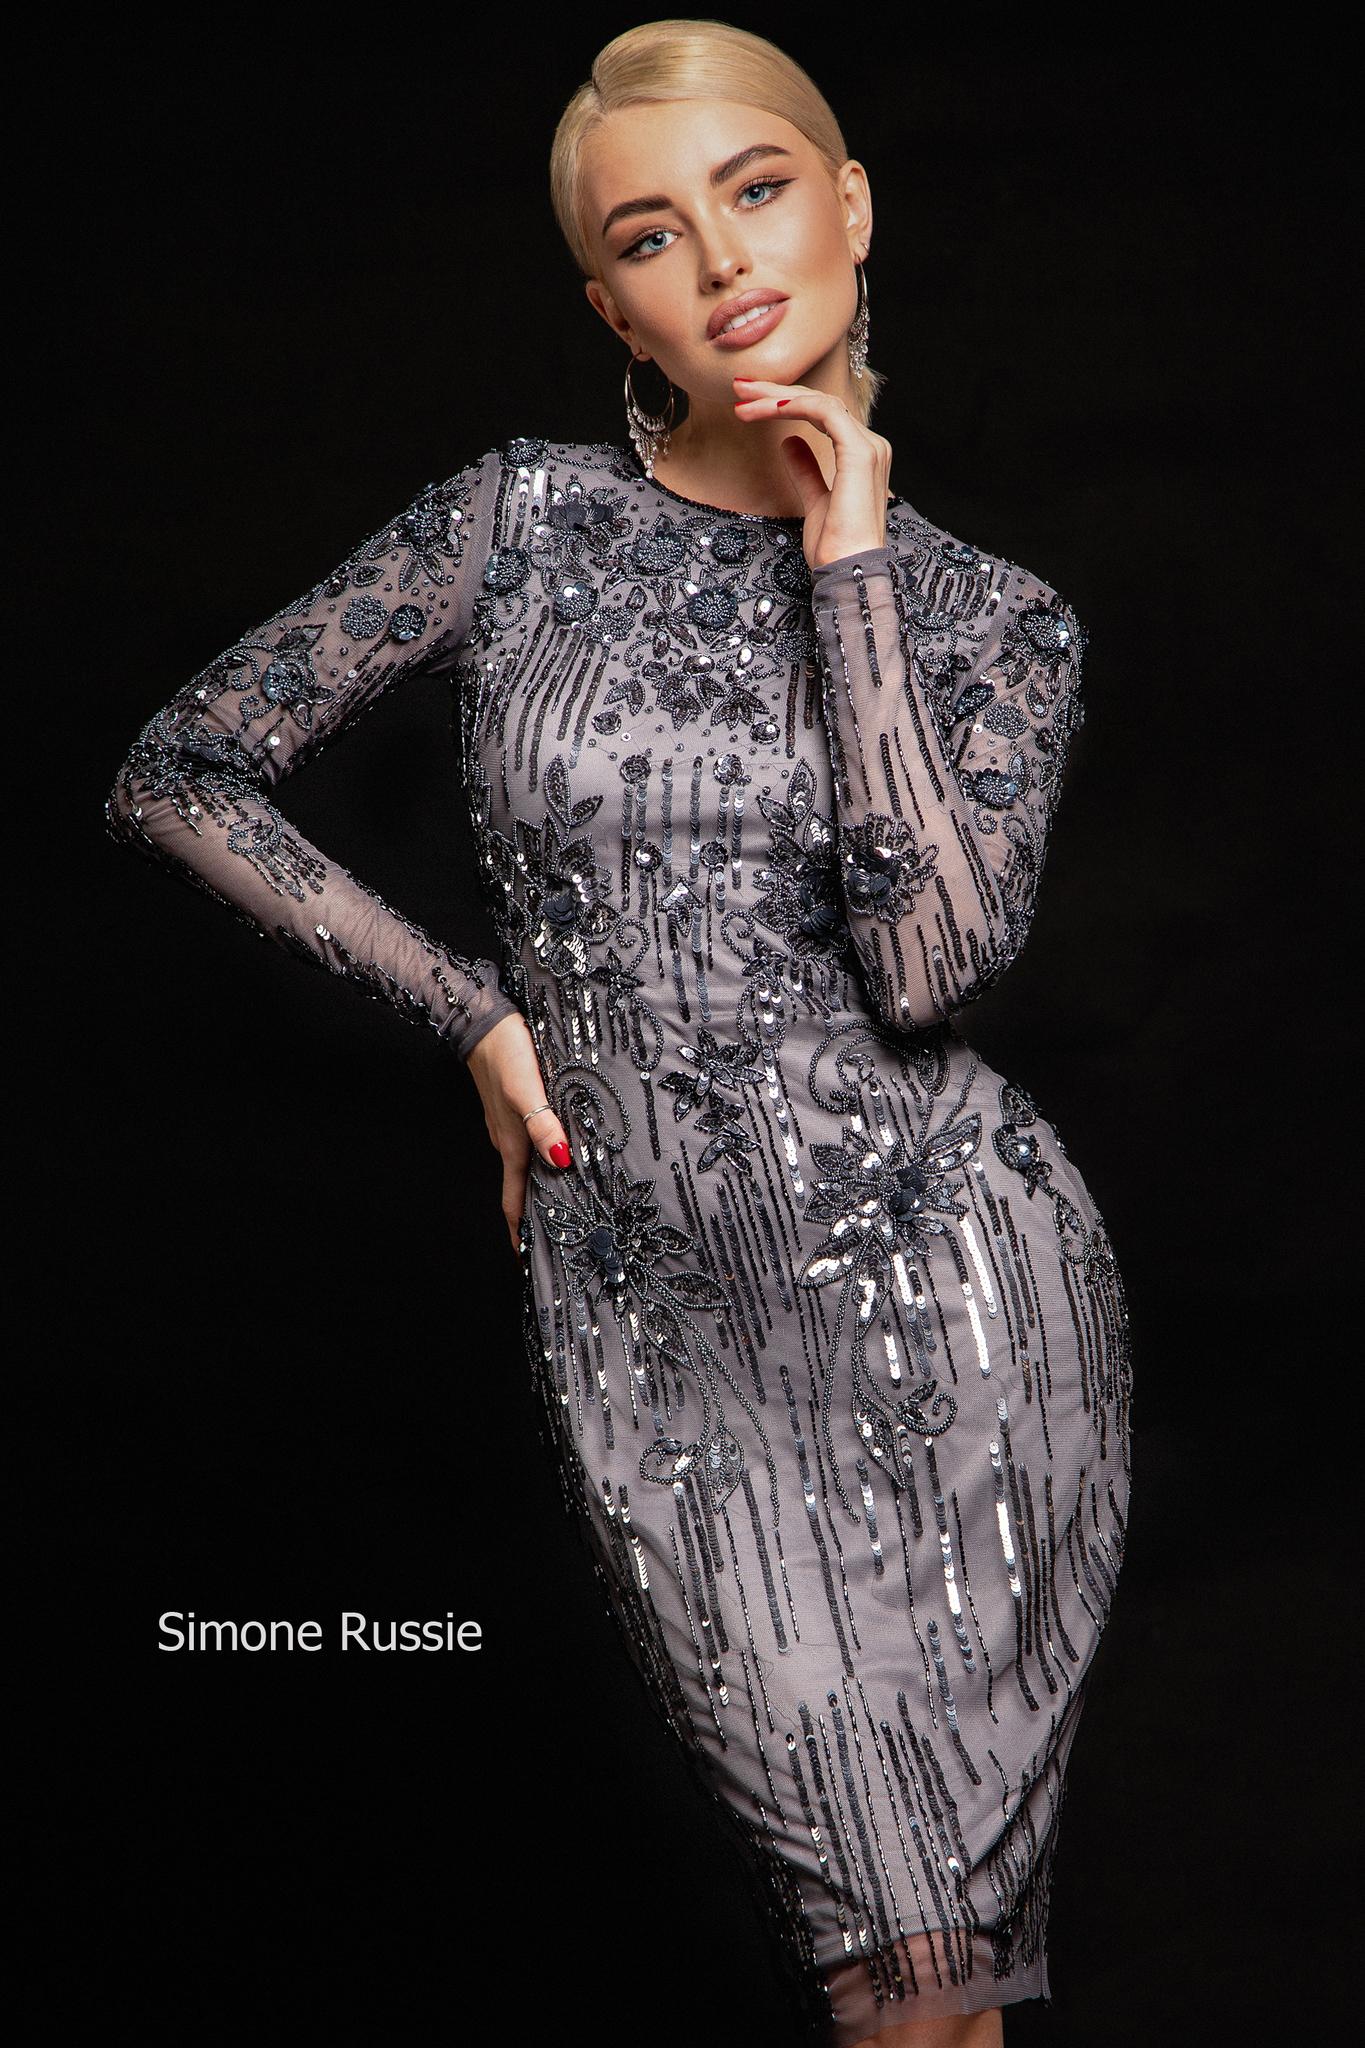 Simone Russie SR1941 Силуэтное платье средней длины с объемными цветами